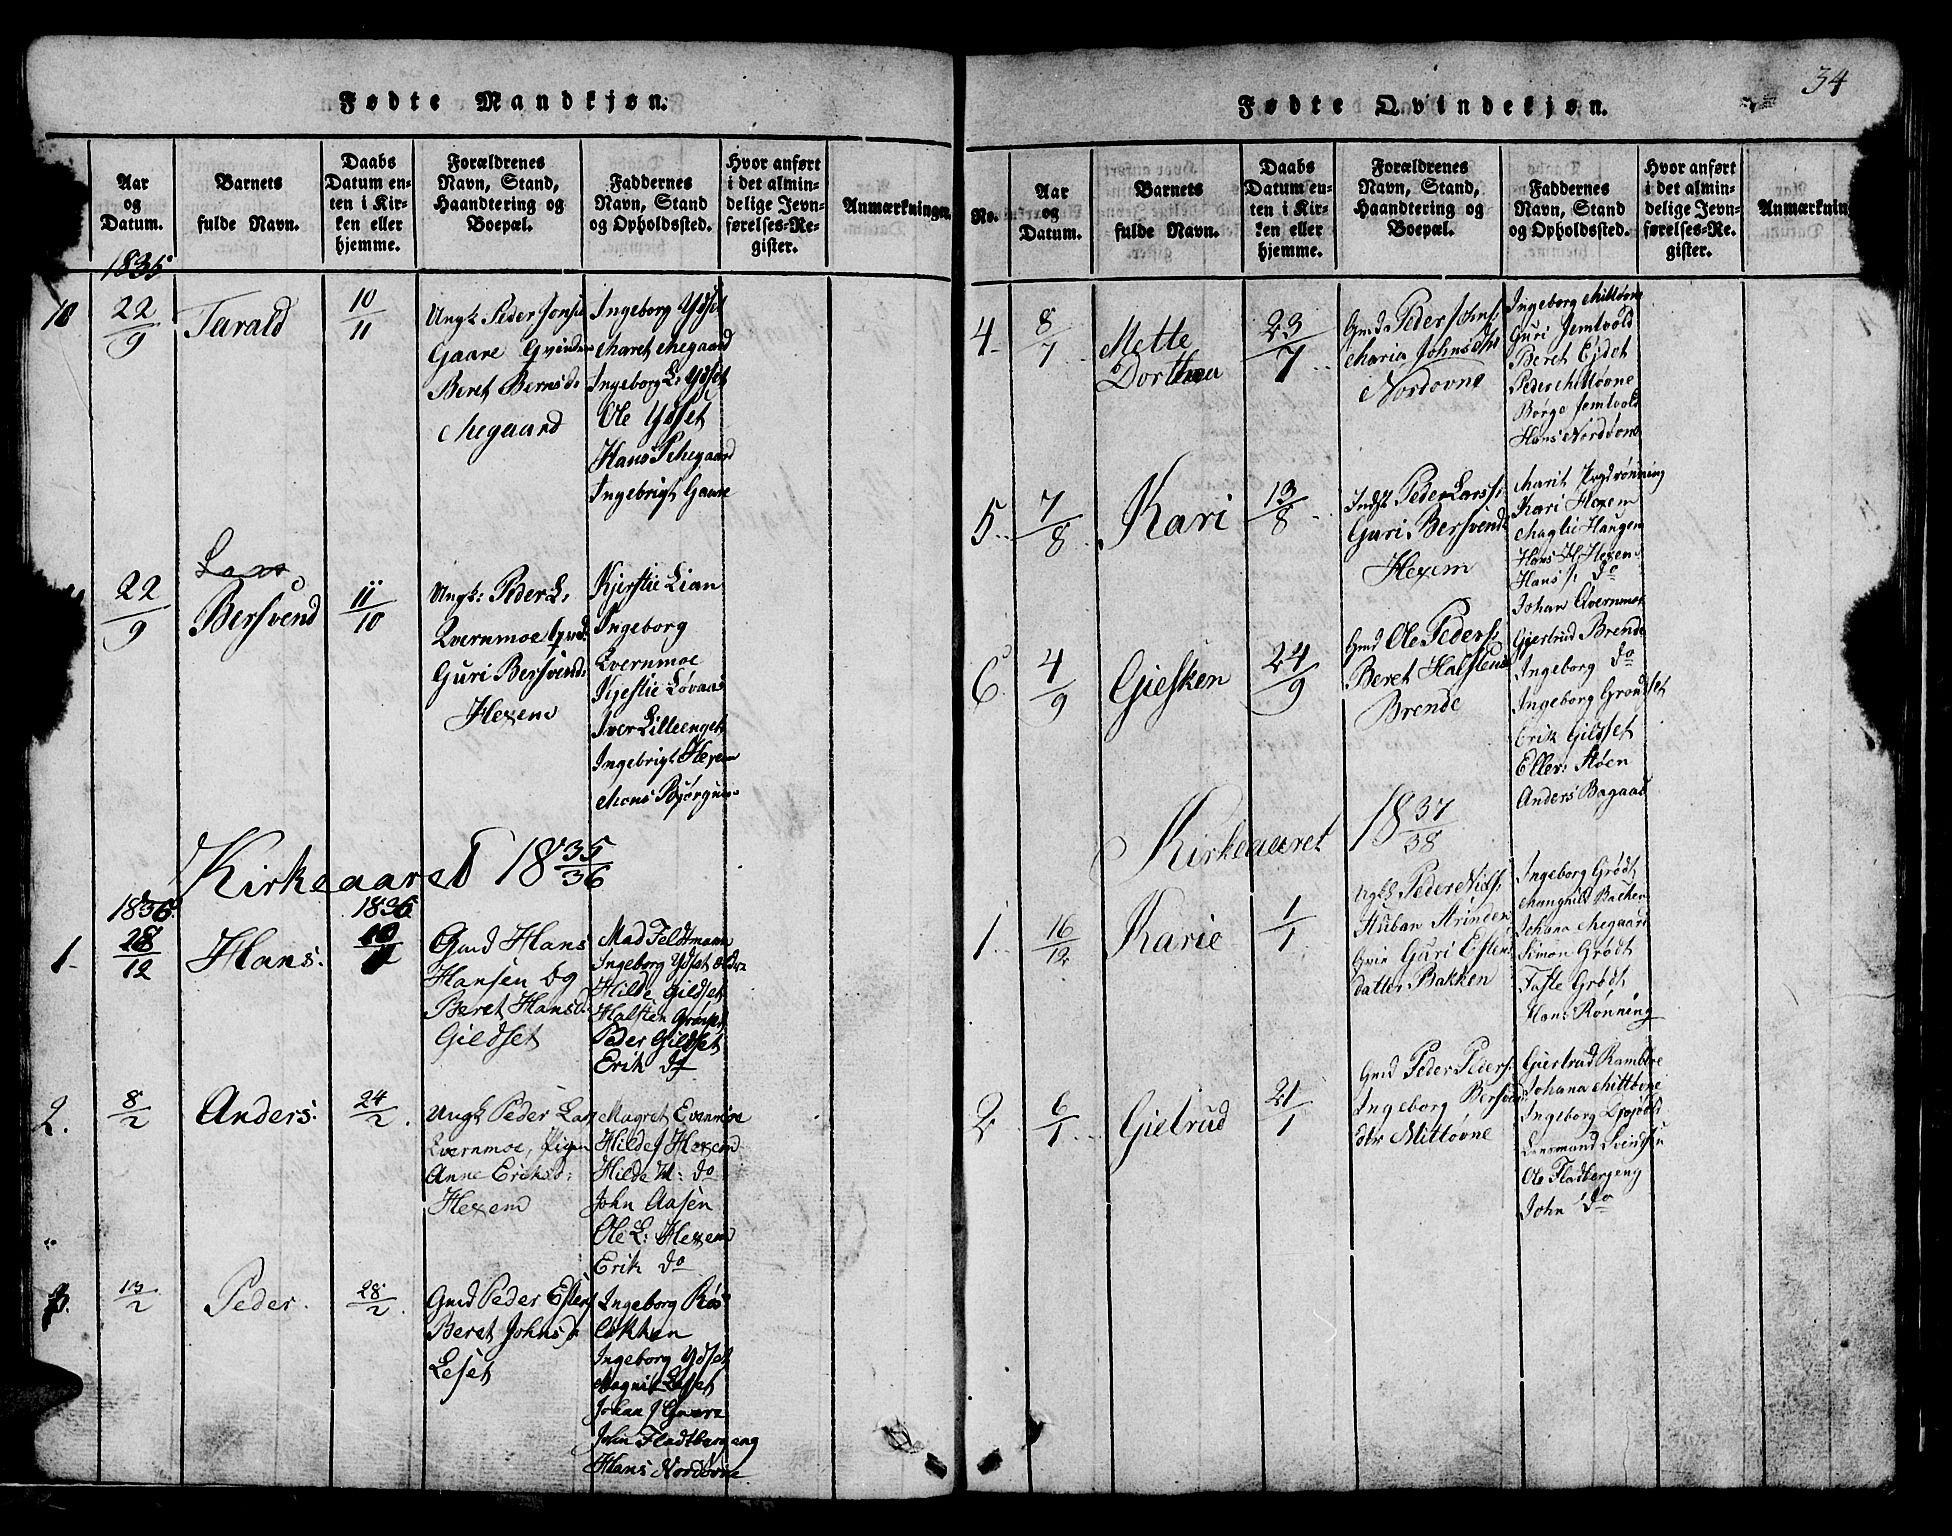 SAT, Ministerialprotokoller, klokkerbøker og fødselsregistre - Sør-Trøndelag, 685/L0976: Klokkerbok nr. 685C01, 1817-1878, s. 34